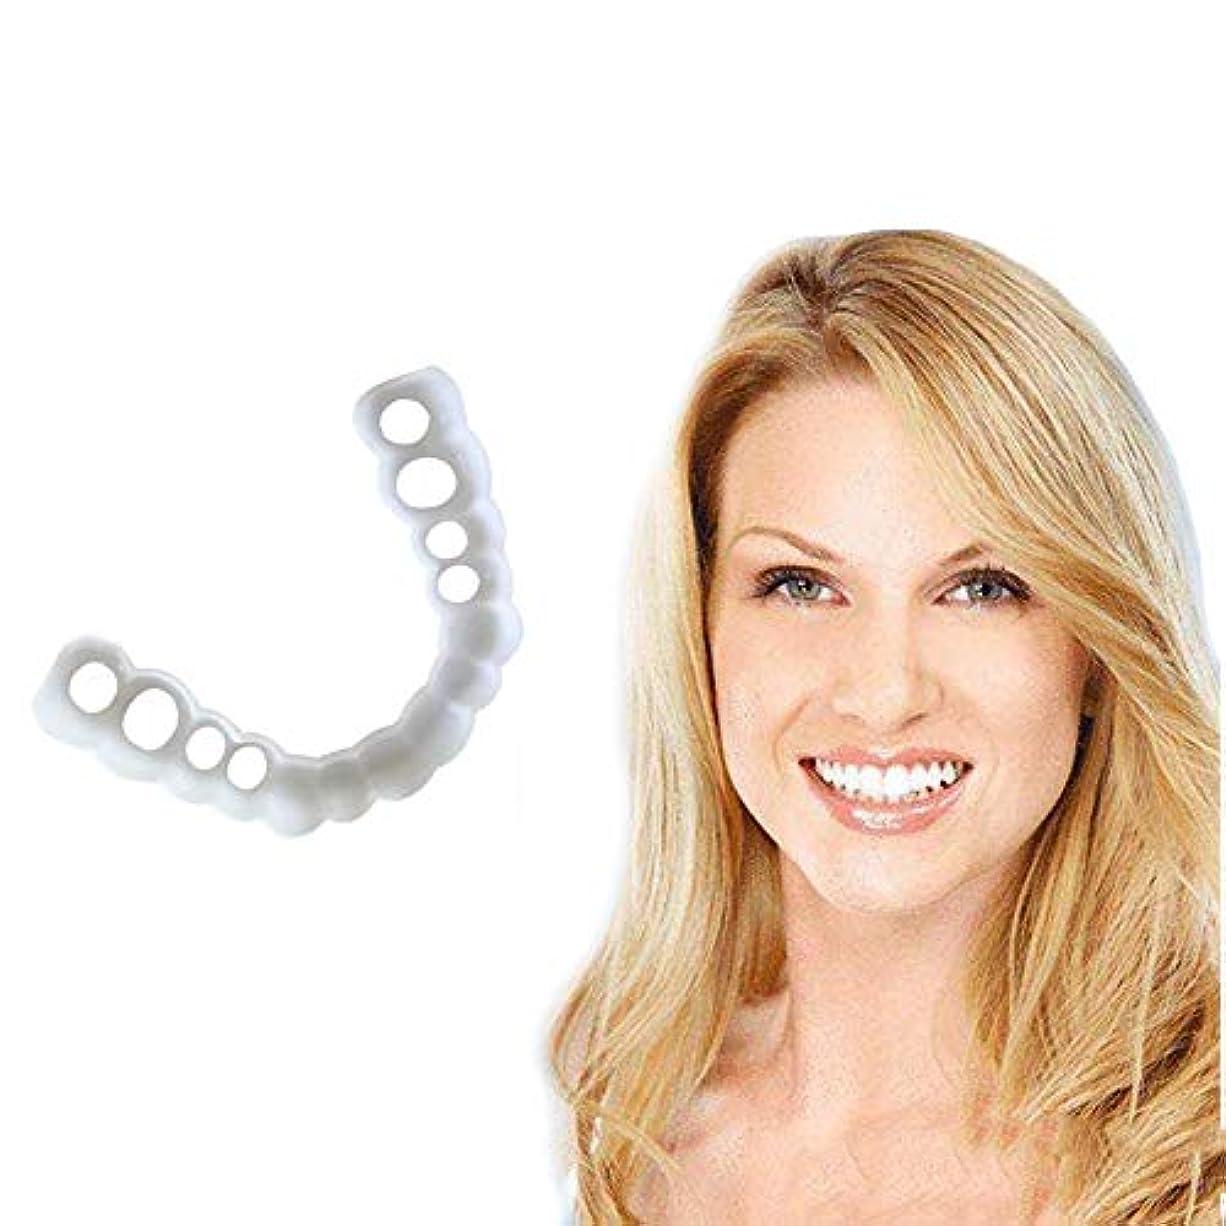 談話ヘッドレススポット2個上顎義歯歯用化粧品一時的な笑顔コンフォートフィット化粧品義歯(エネルギークラスA),16Pcs